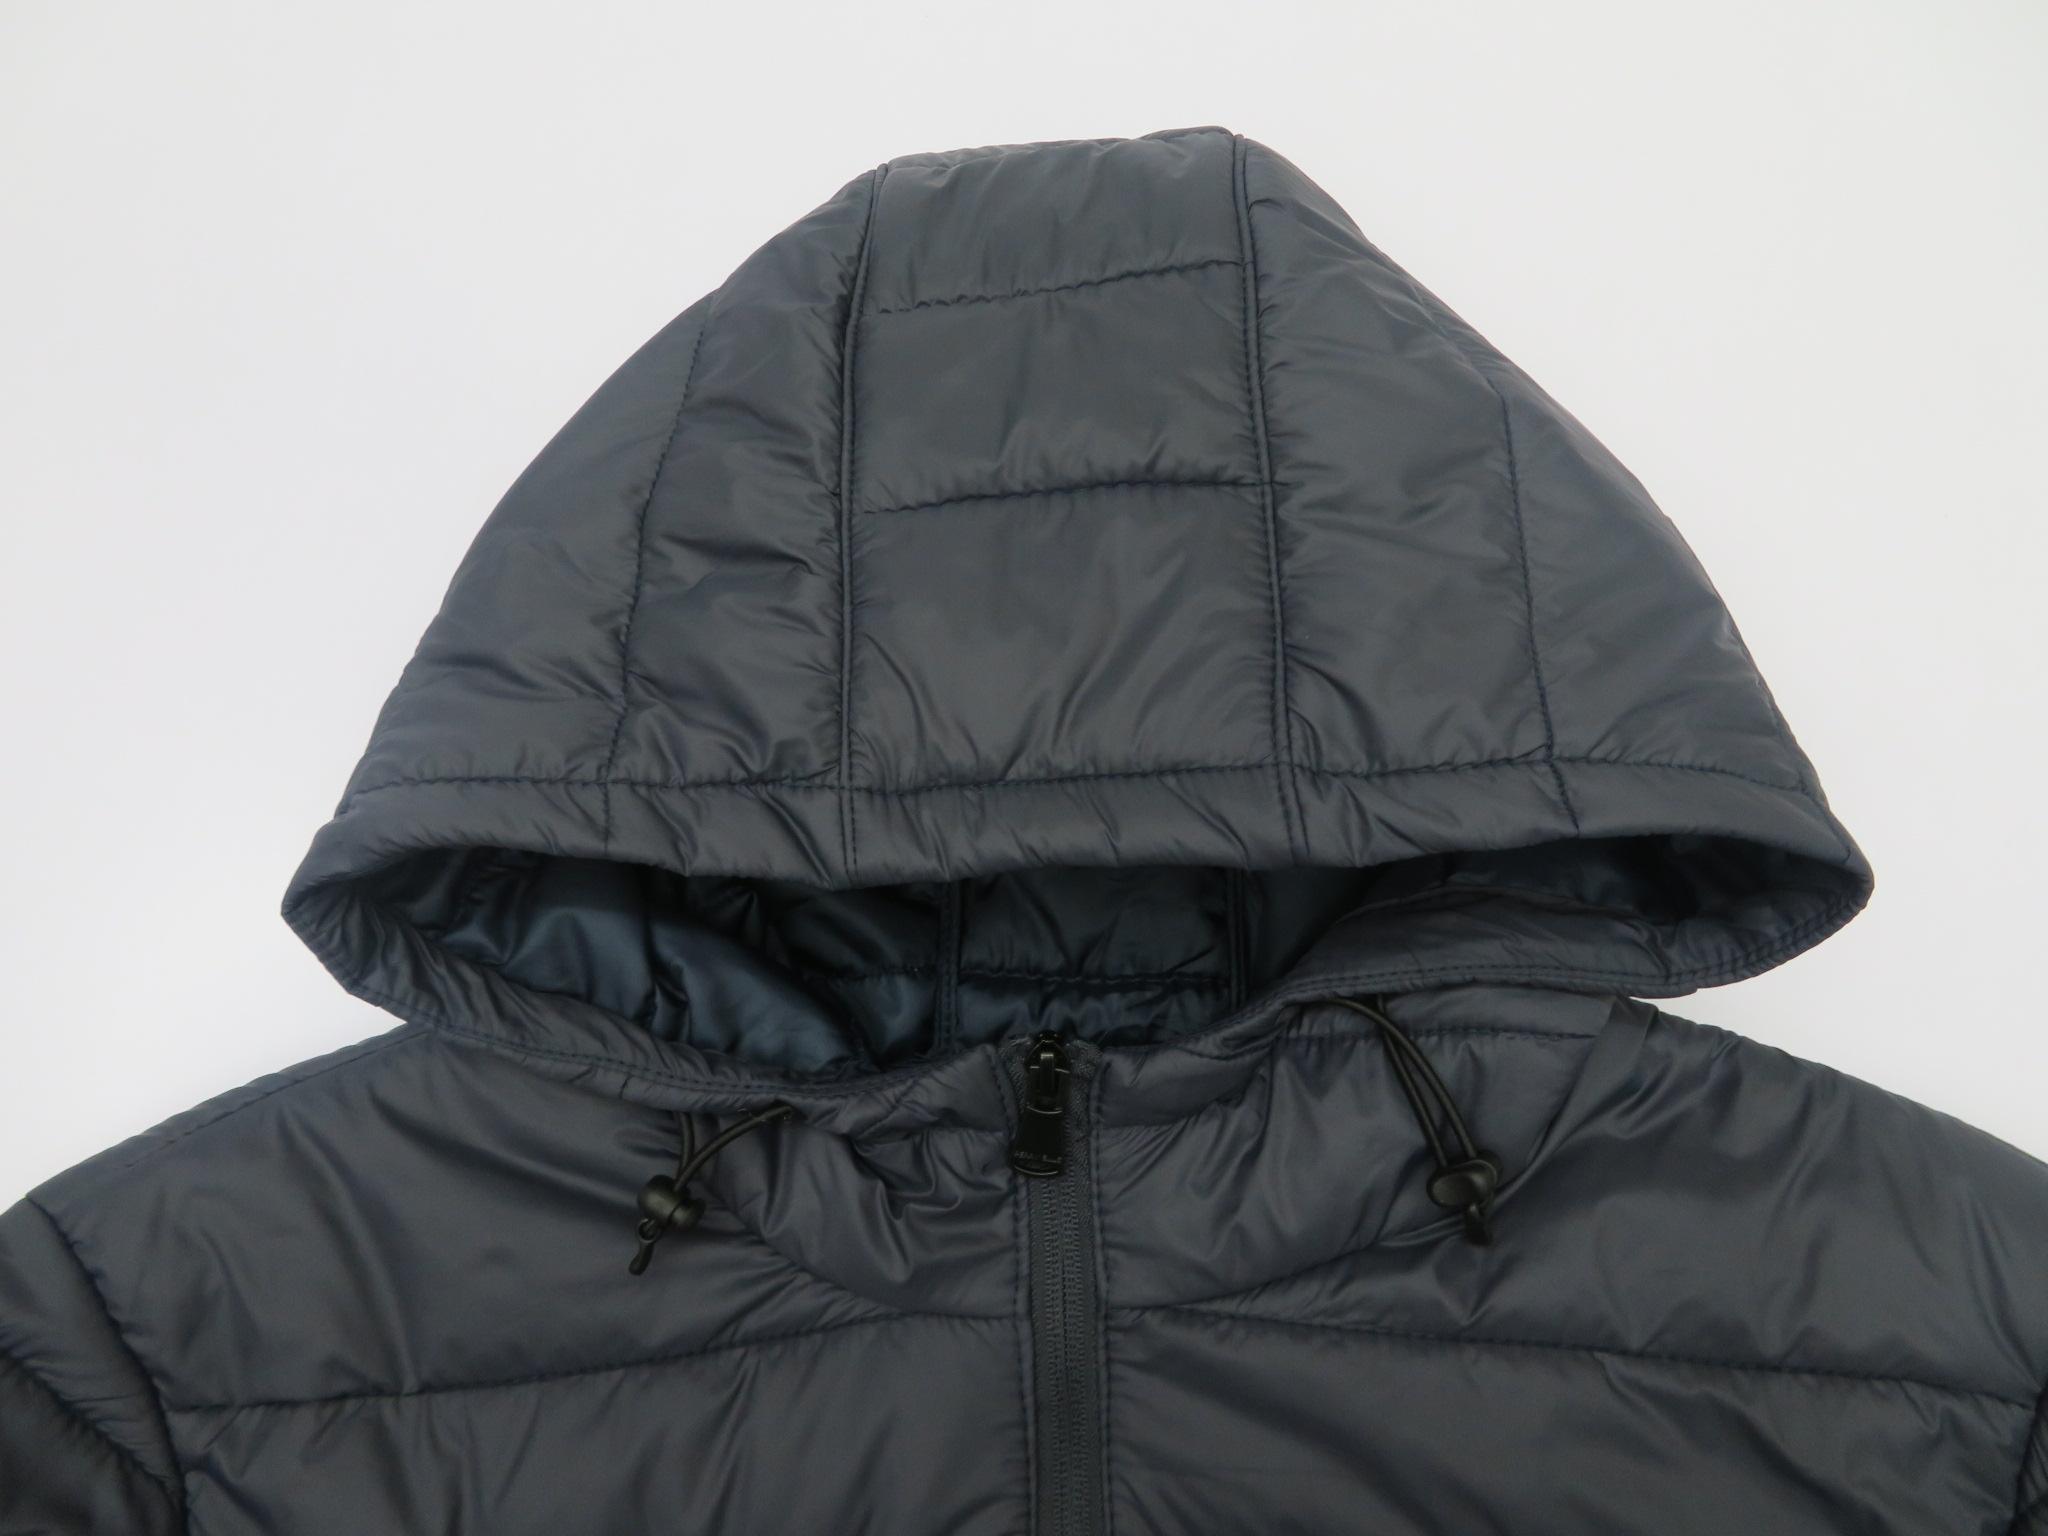 2018秋冬新款熱銷男士保暖棉服外套批發 1